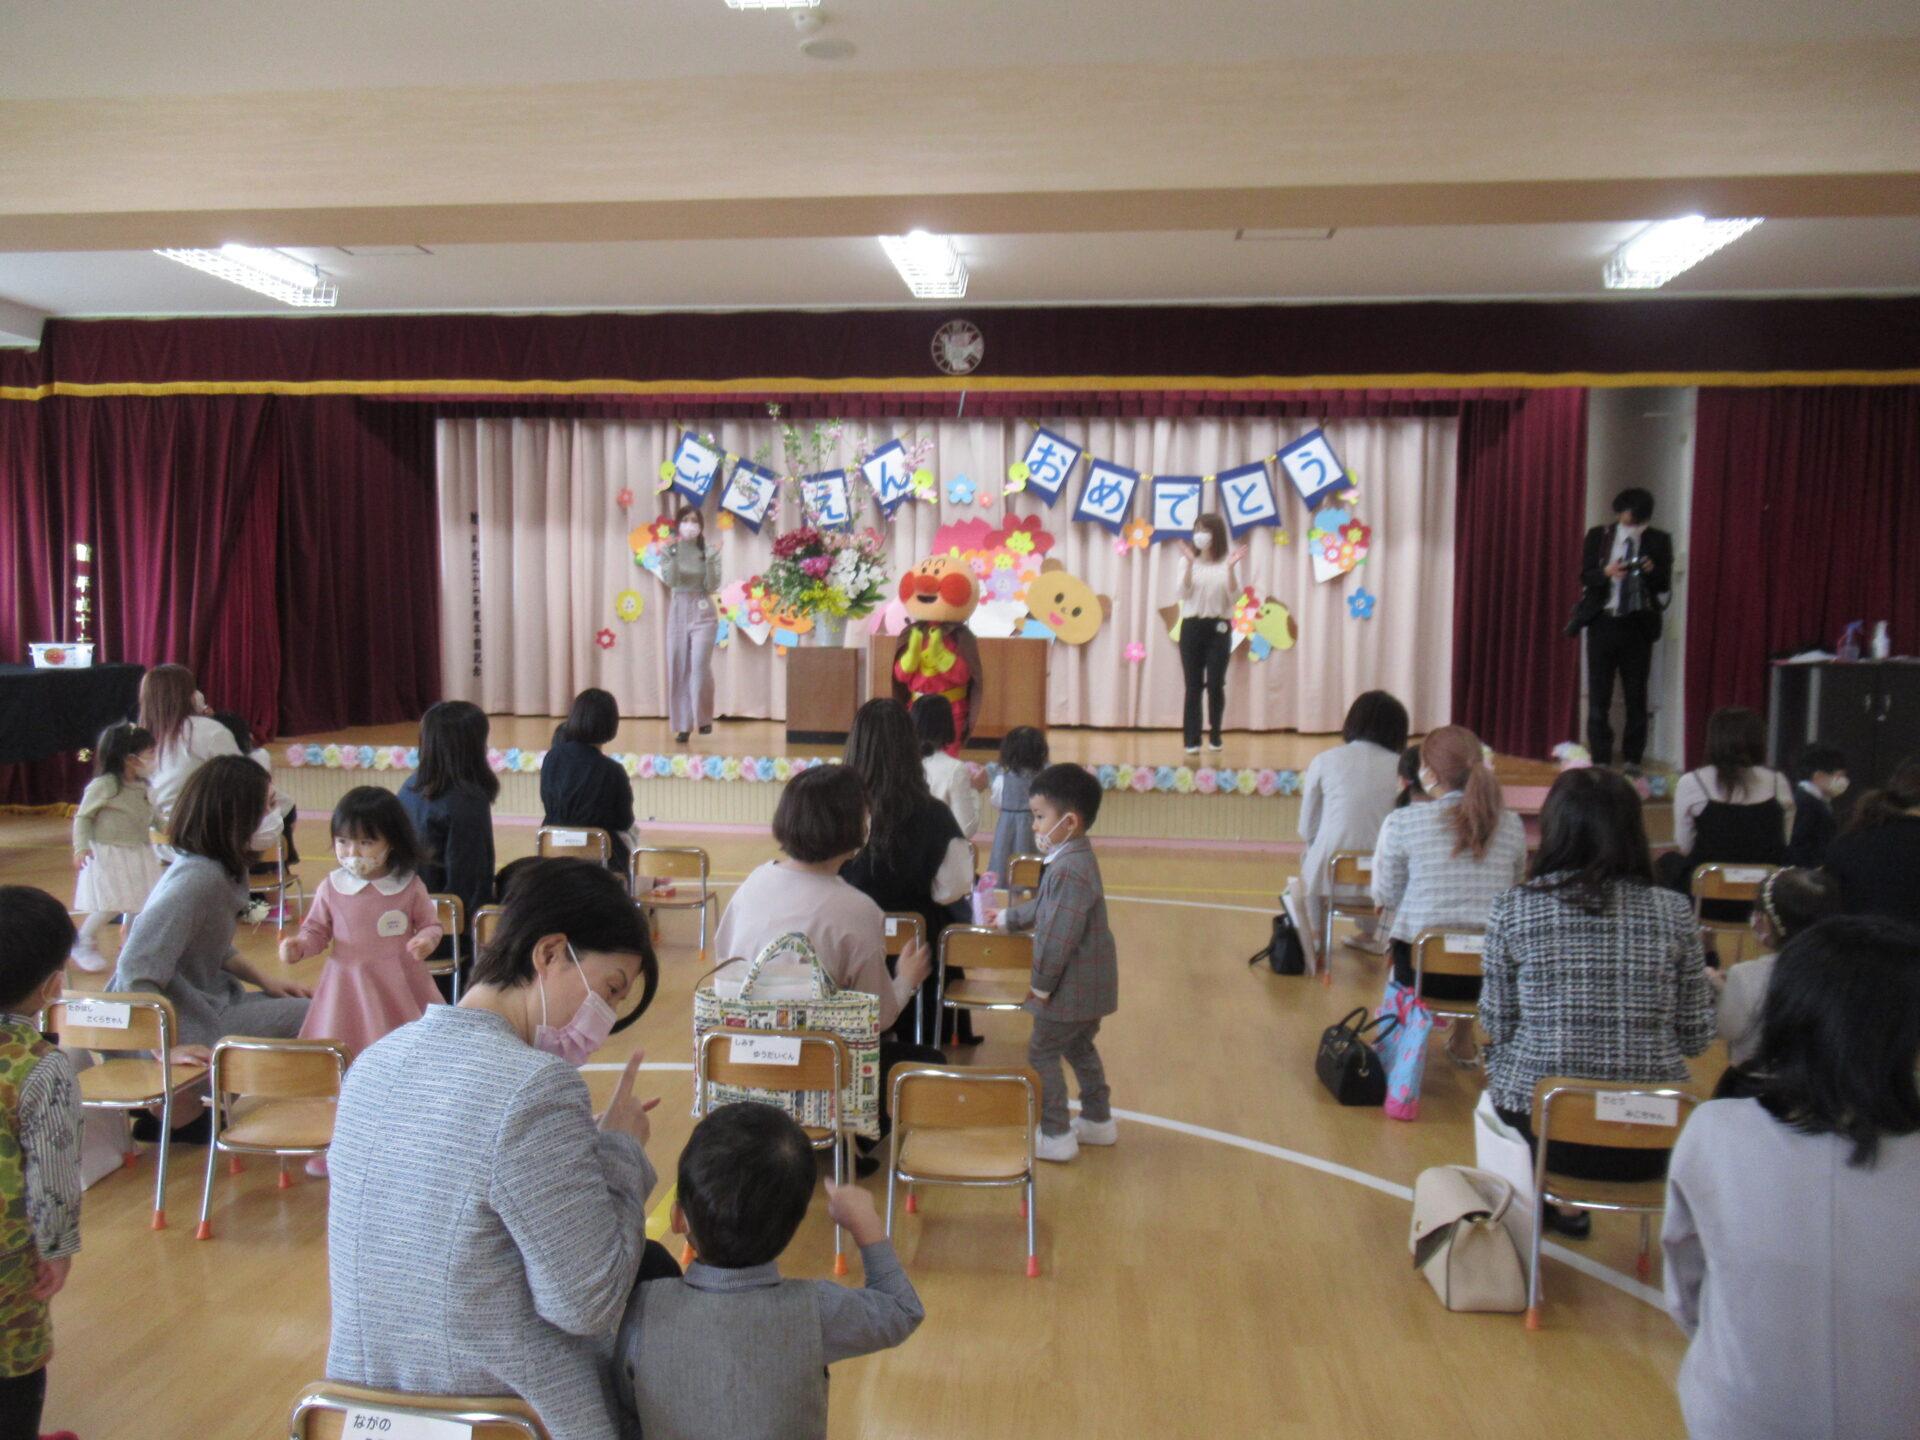 ぺんぎん組 『ミニミニ入園式』